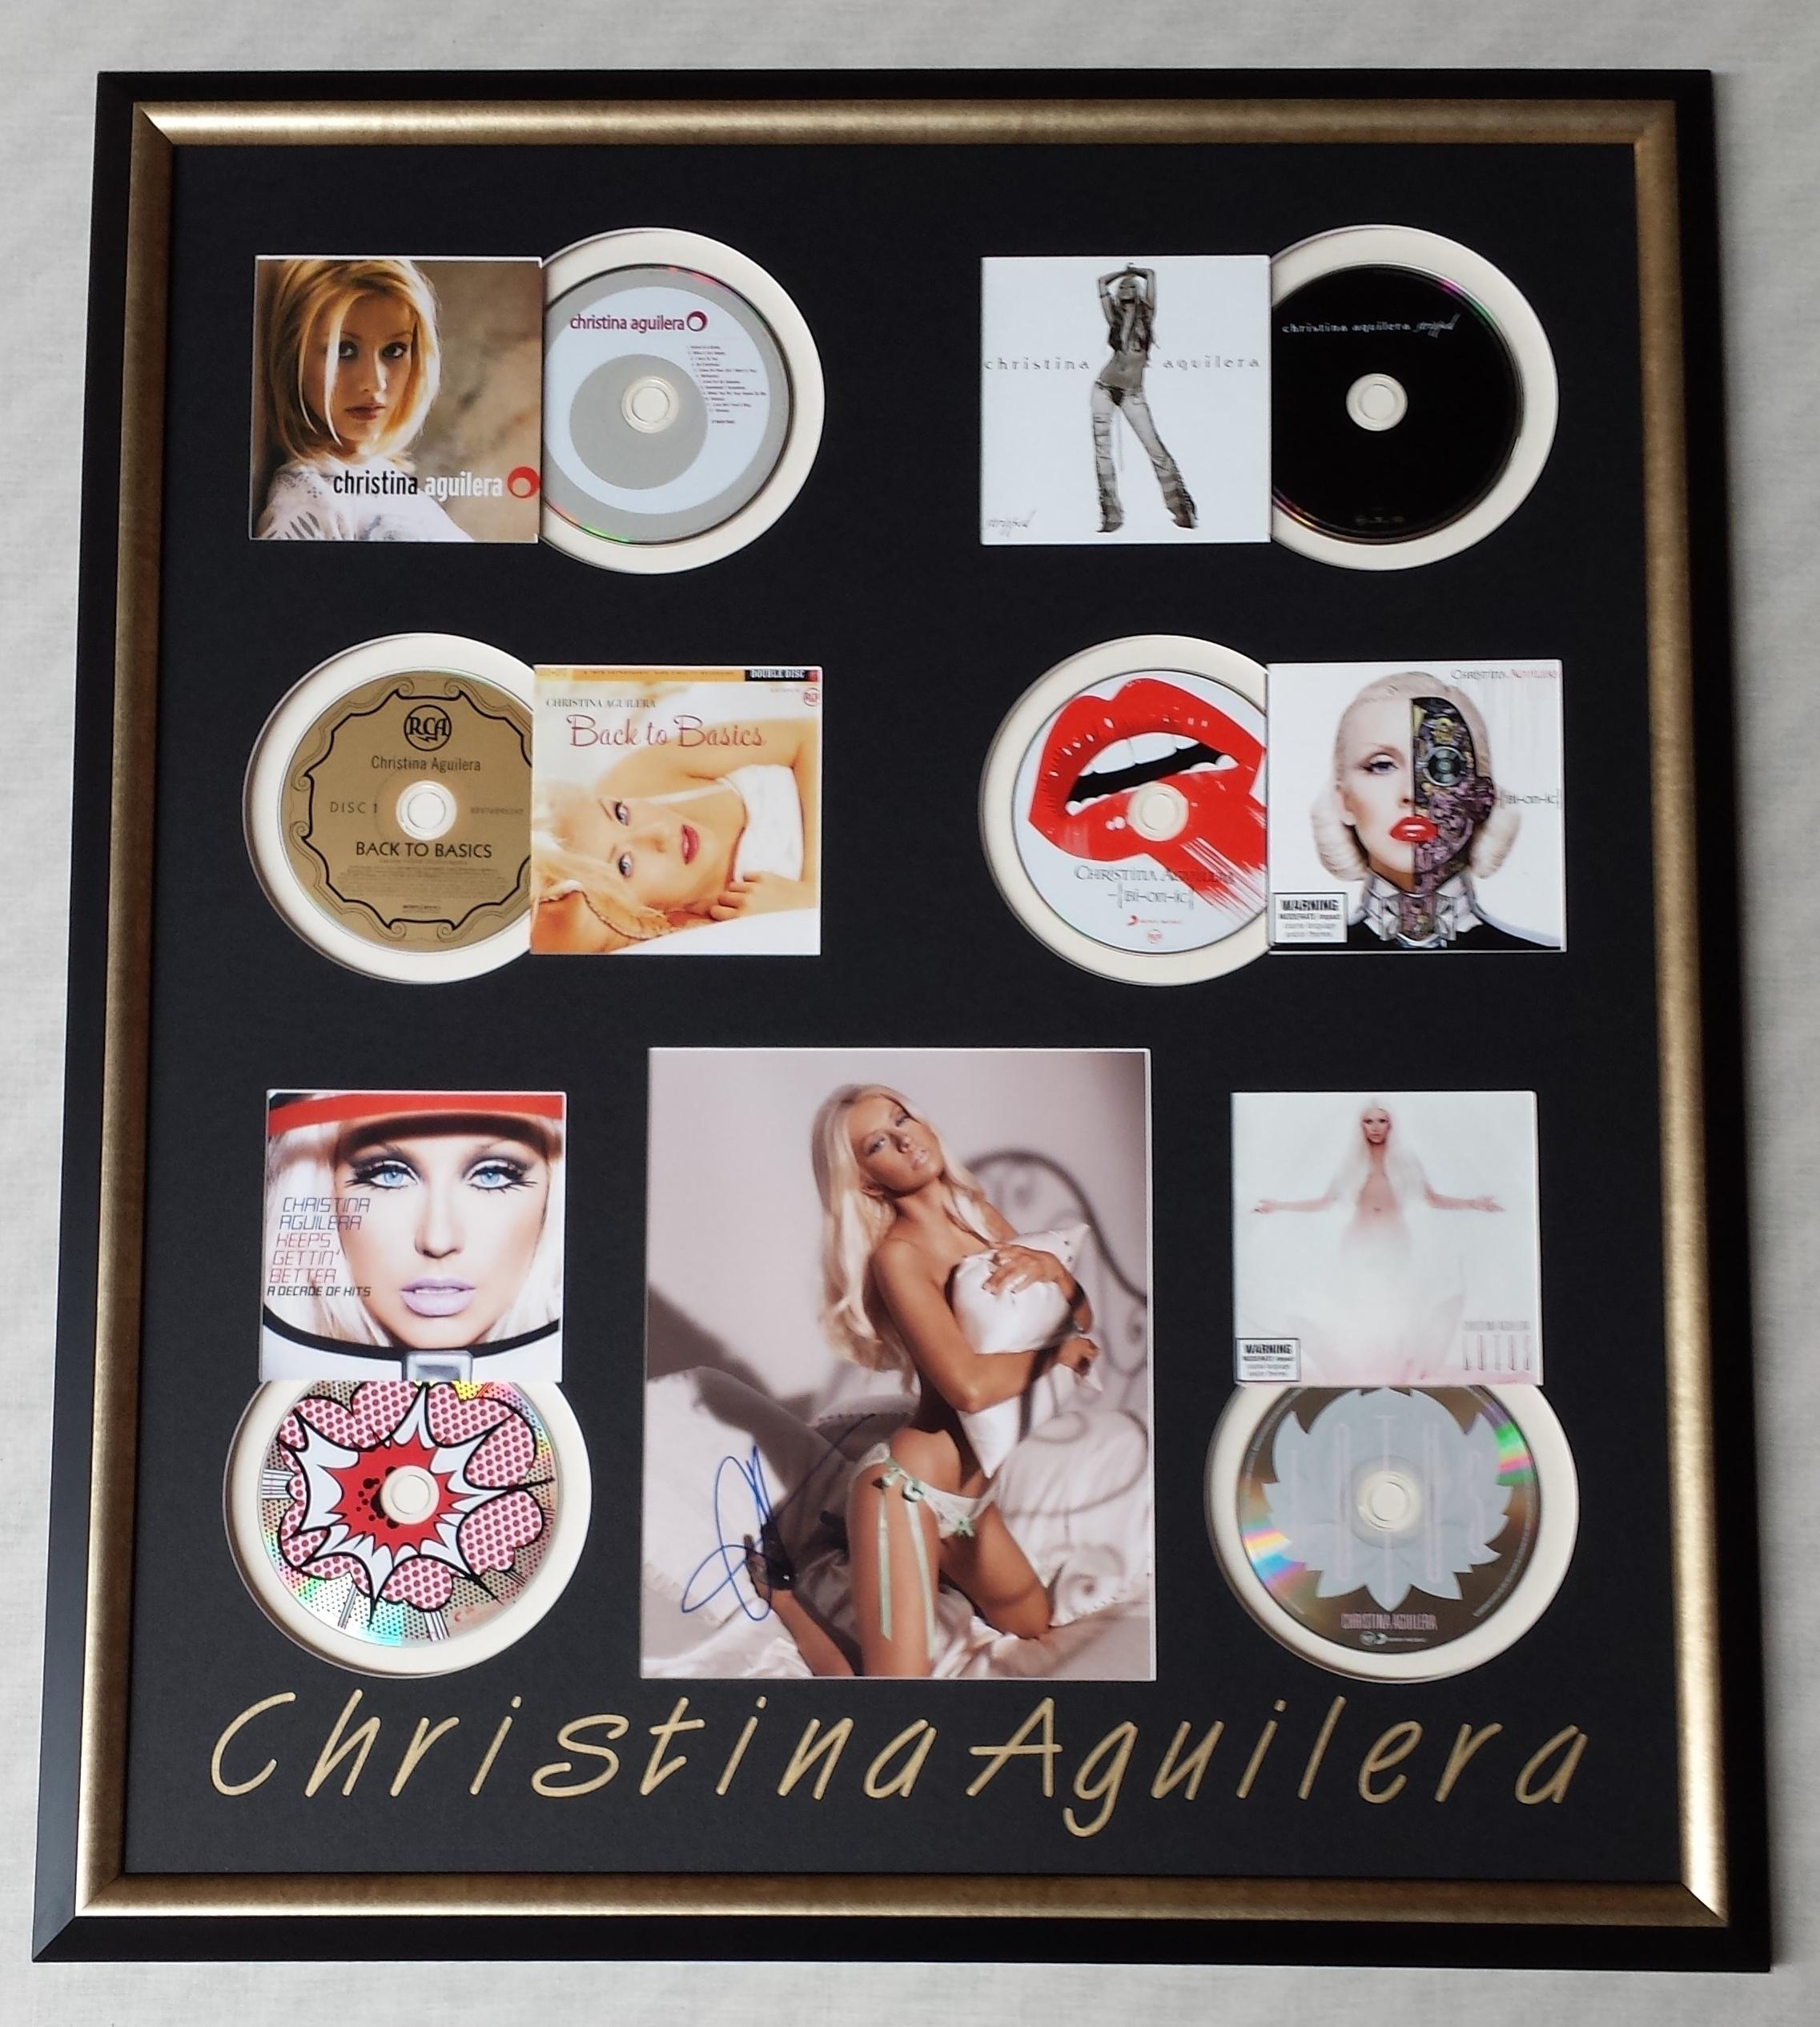 Christina Aguilera CDs